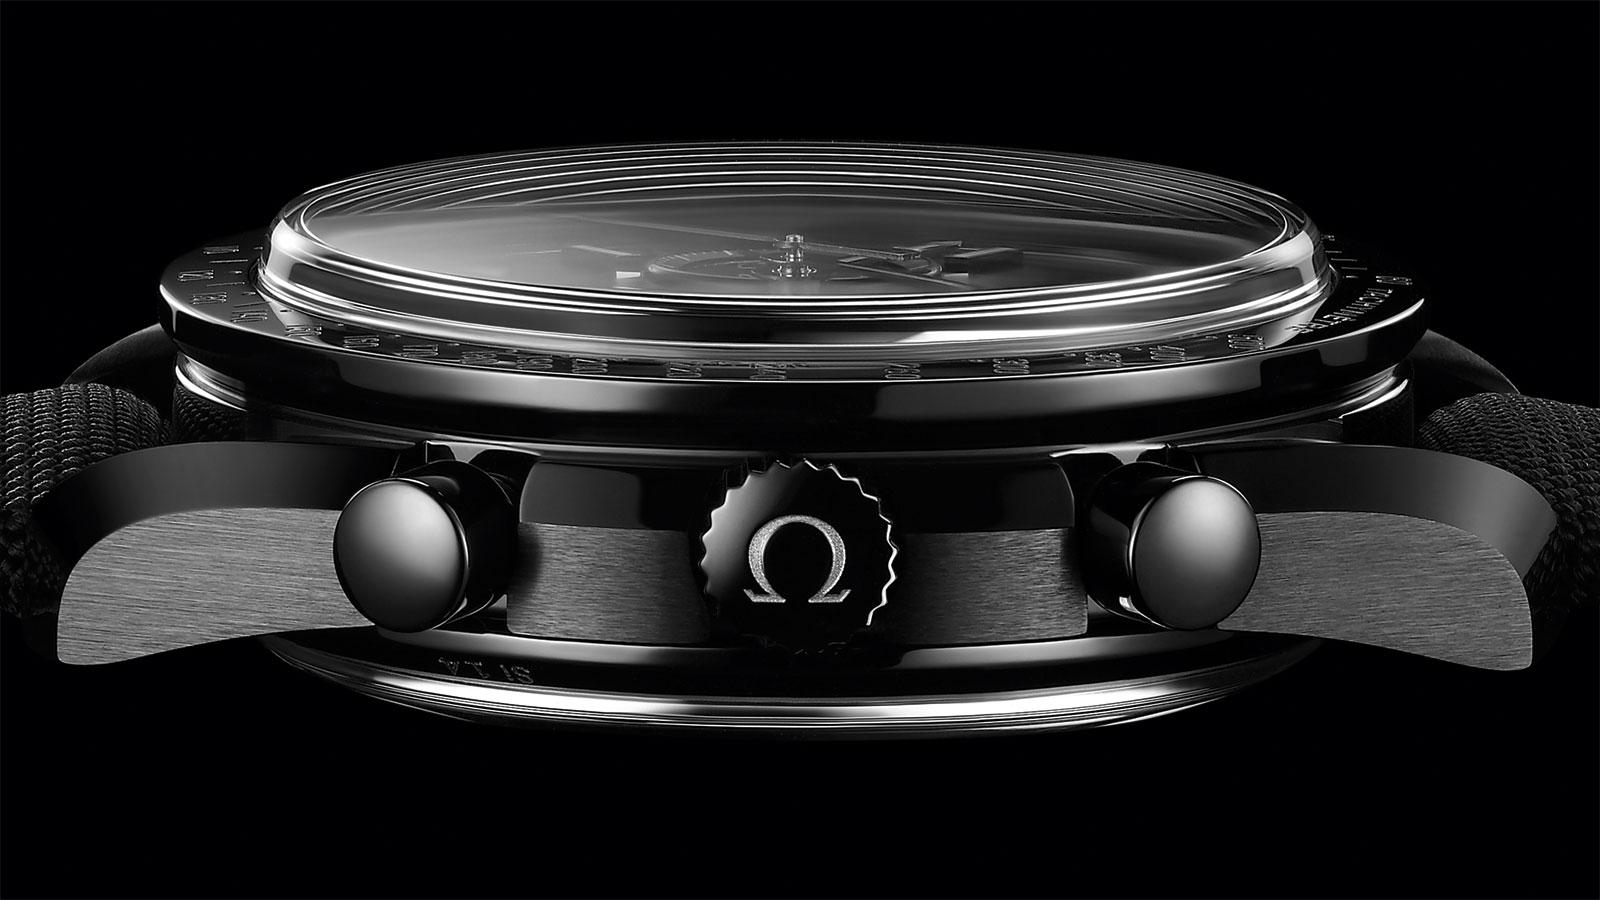 Speedmaster 月球表 月球表 欧米茄44.25毫米同轴计时表 腕表 - 311.92.44.51.01.007